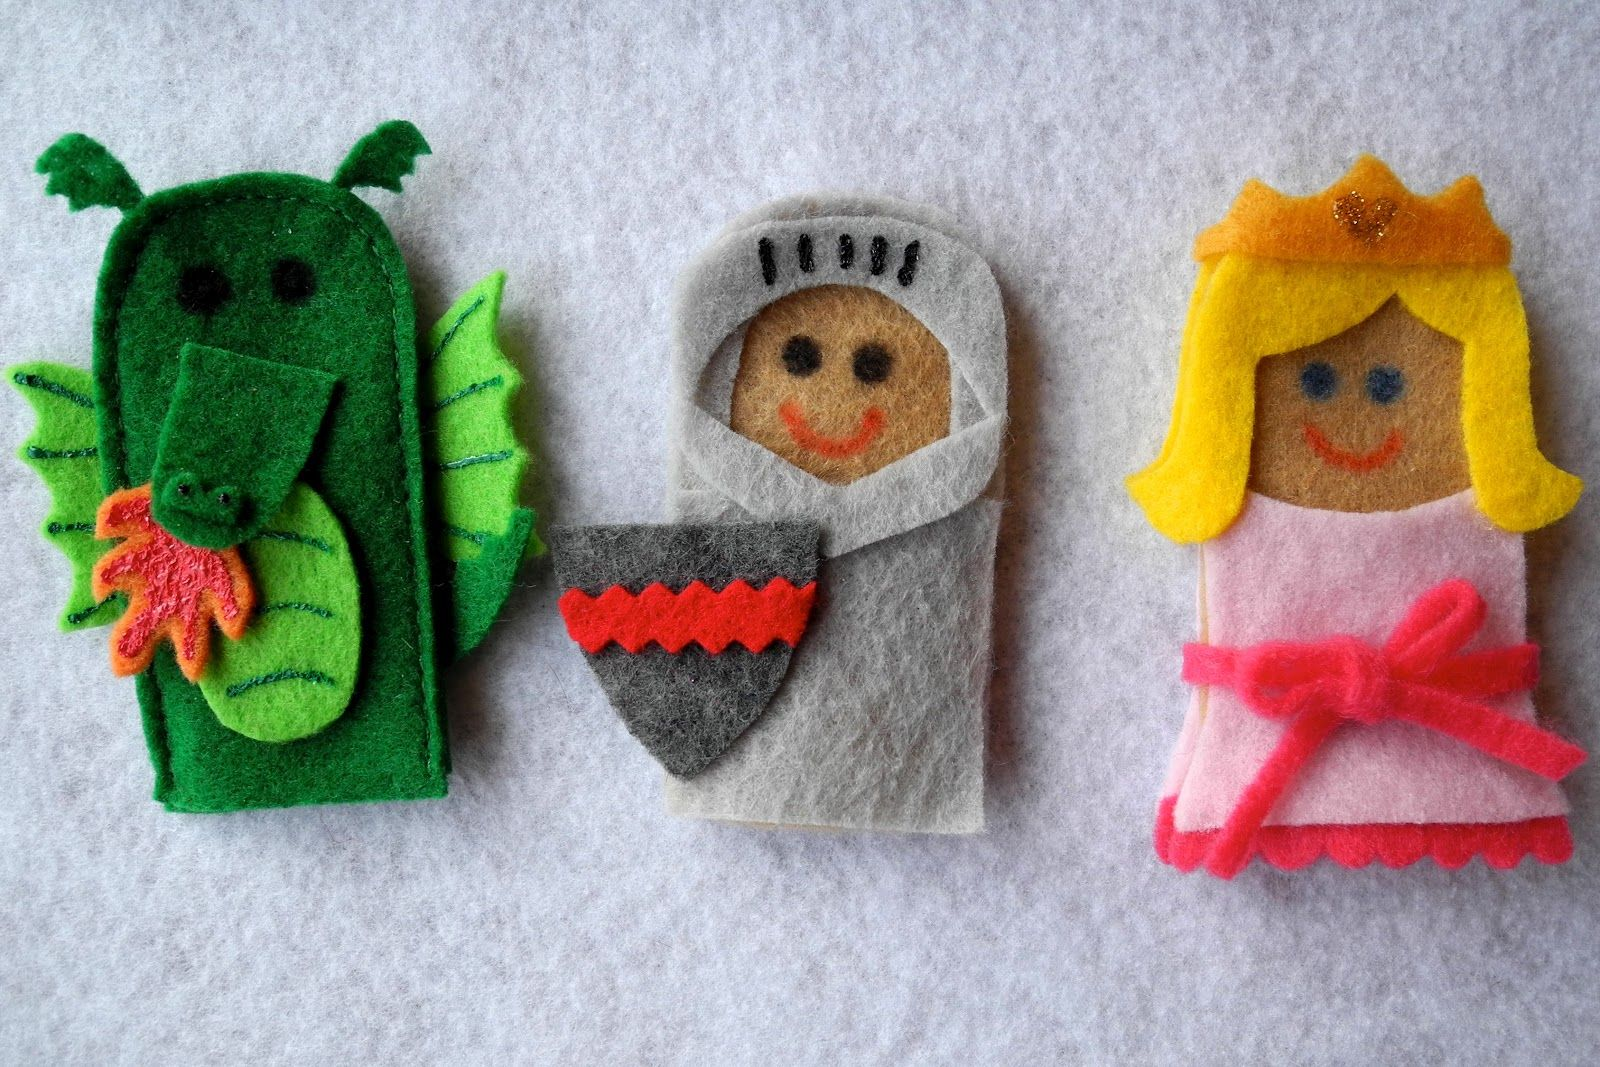 vingerpoppen en handpoppen maken met vilt - knutseltip sprookjesfiguren